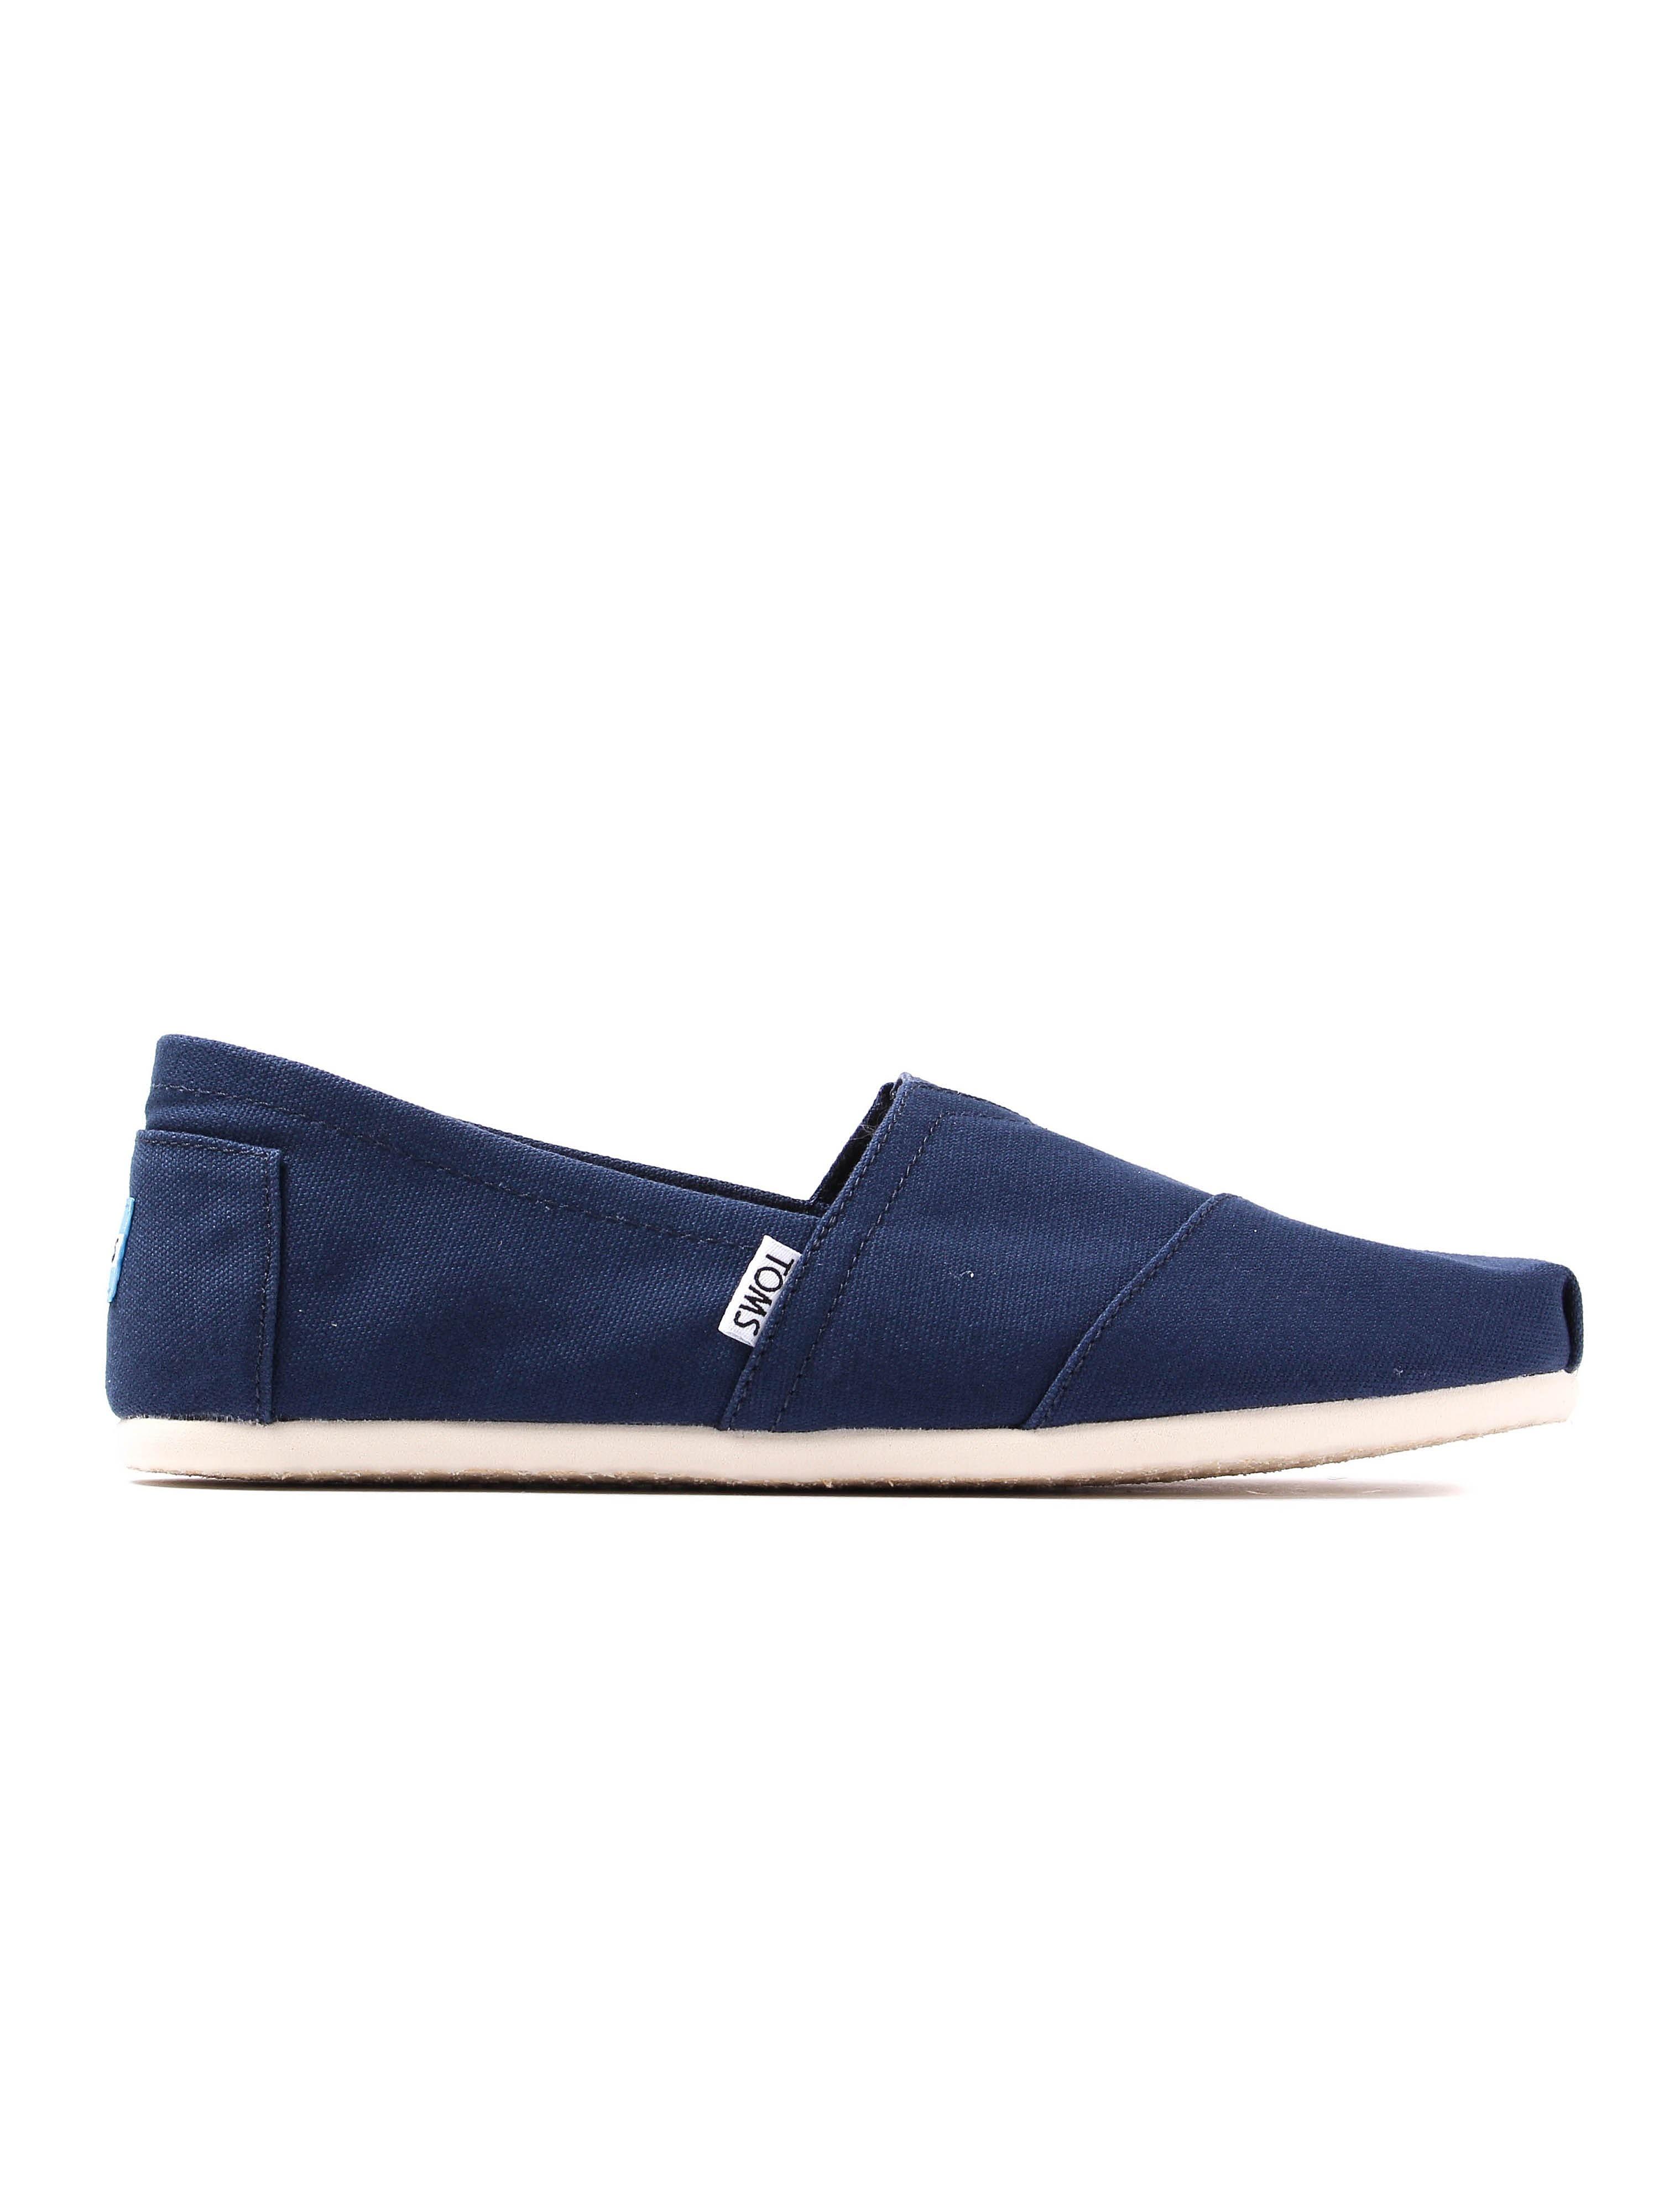 Toms Men's Classic Canvas Shoes - Navy